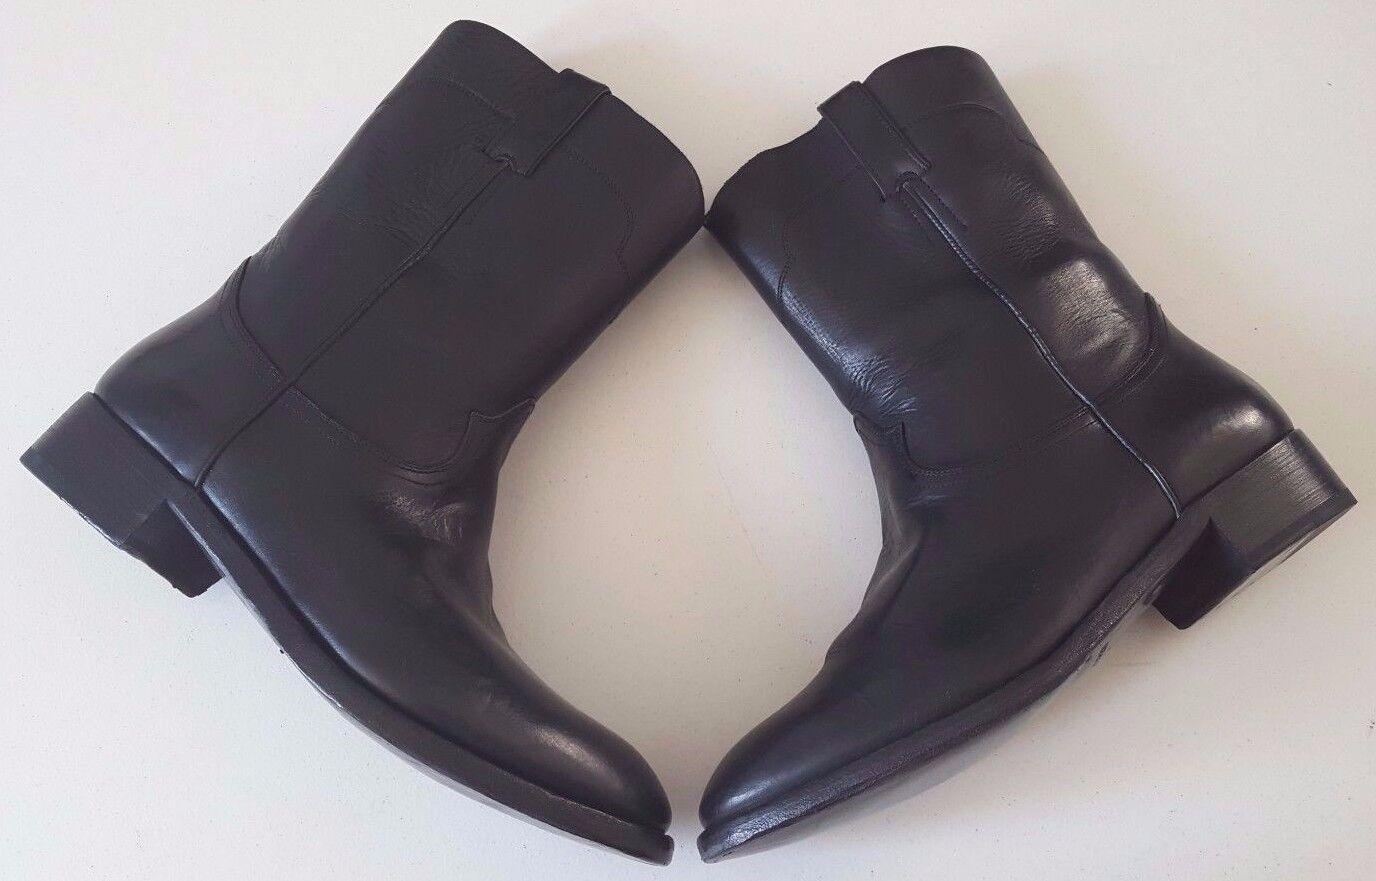 RALPH LAUREN COLLECTION ACKLEY schwarz VACHETTA COWBOY WESTERN Stiefel SZ 7.5D ITALY